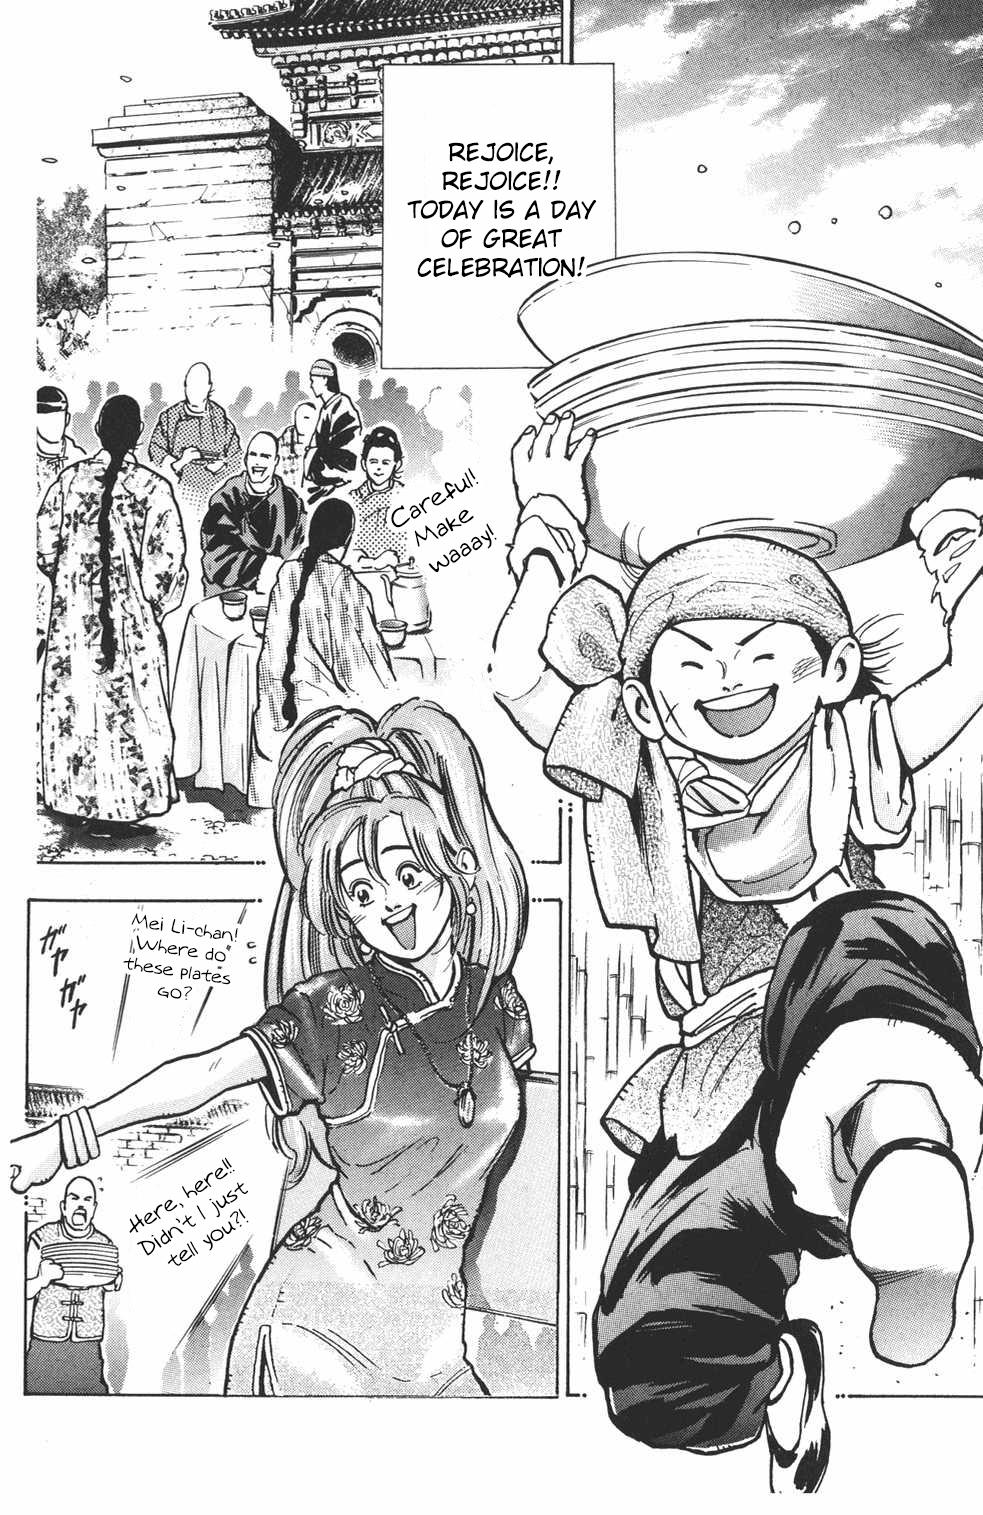 https://img2.nineanime.com/comics/pic2/49/25521/734951/4f13d33f1ec7b4c128e2a3aa40b7c6f9.jpg Page 1